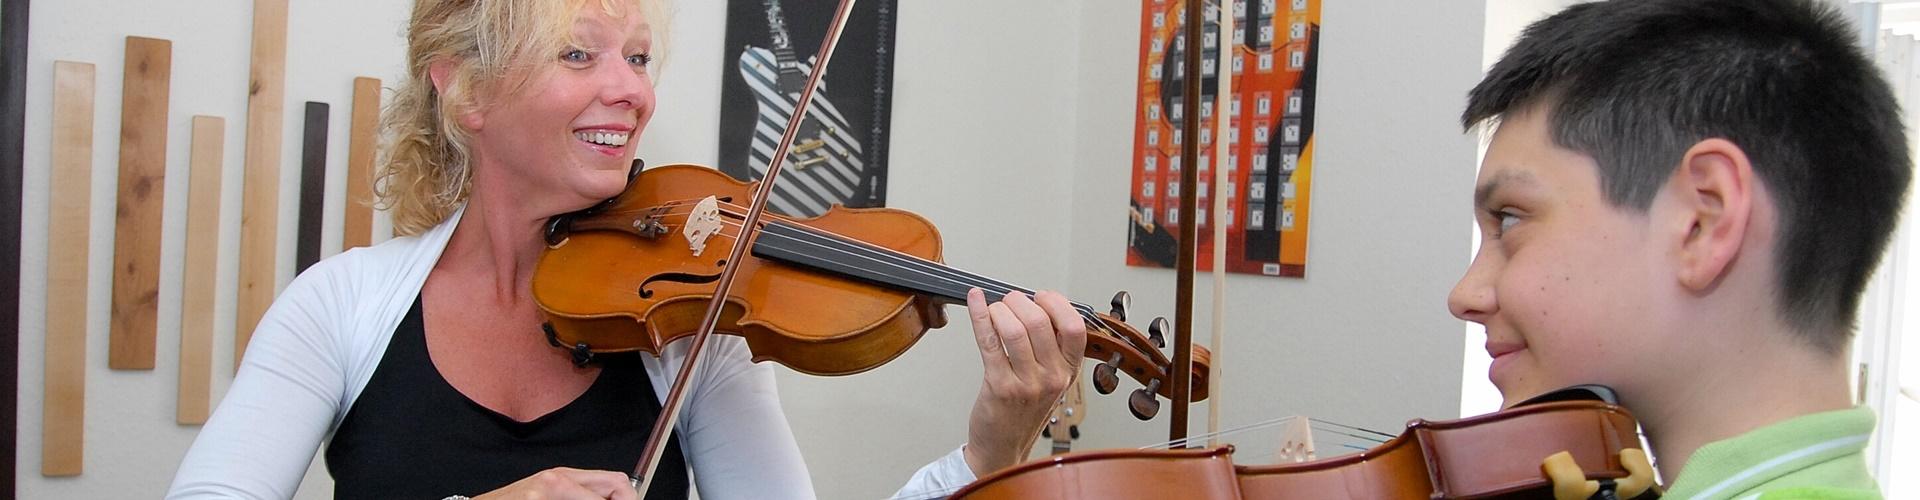 Viola lernen, Violaunterricht